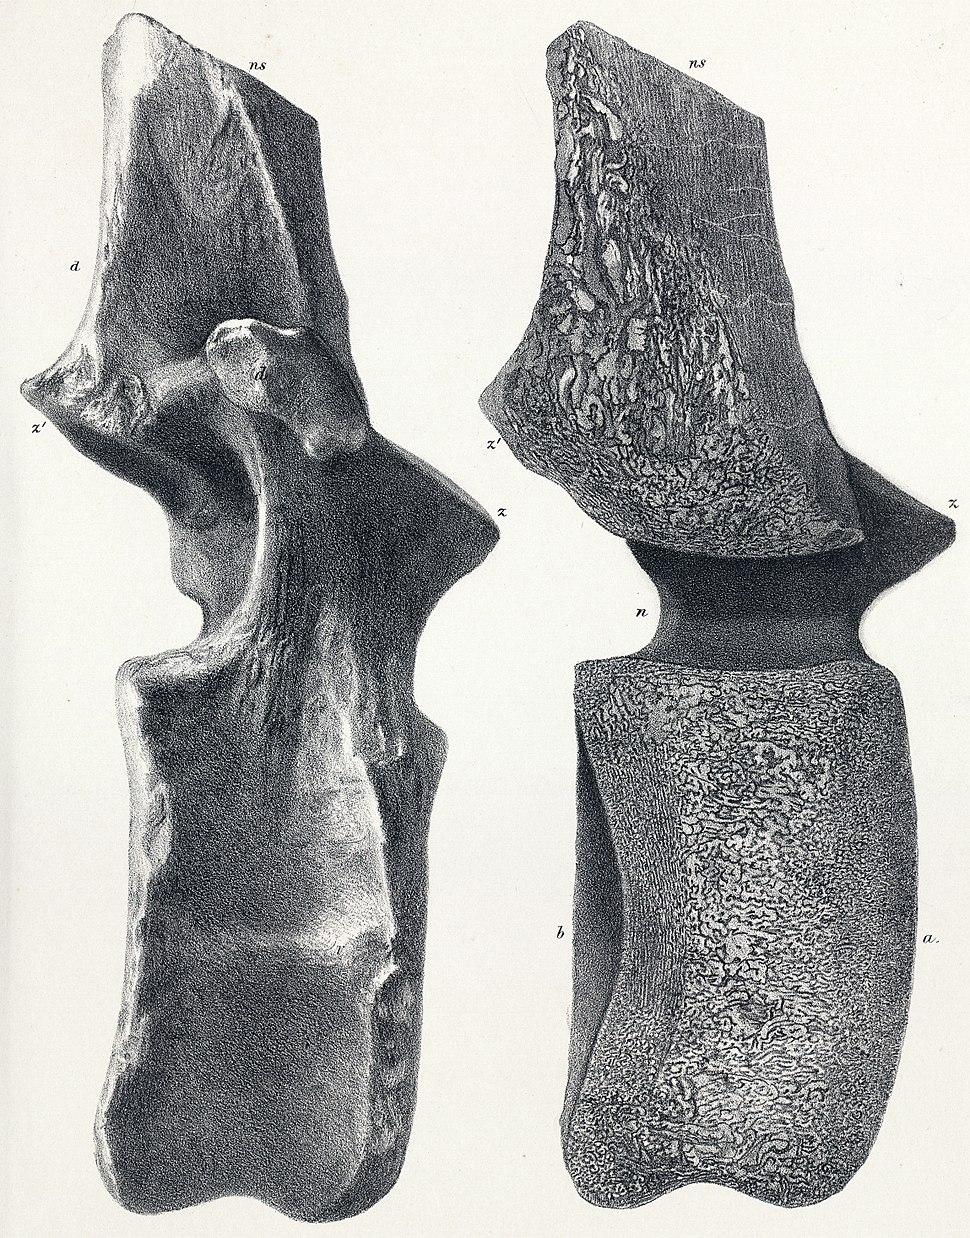 Cetiosaurus brevis dorsal vertebra